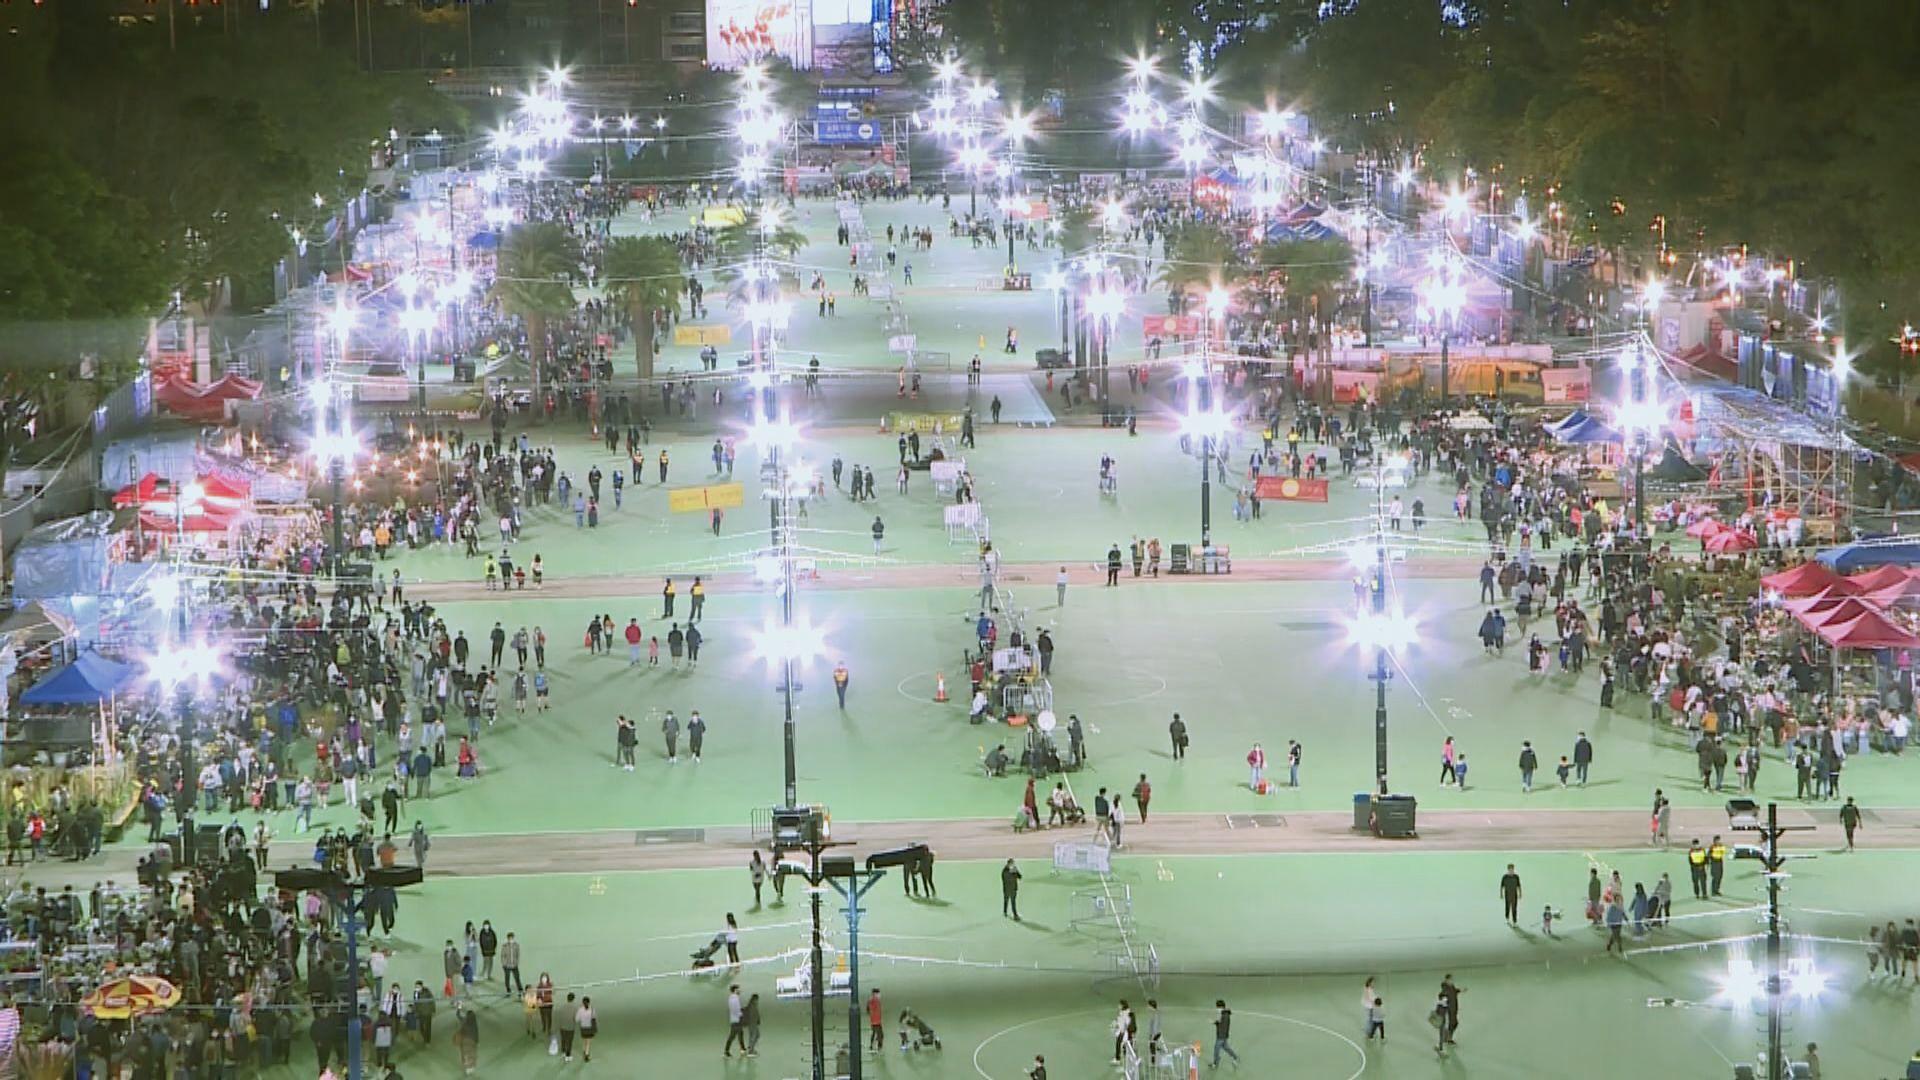 市民晚上到維園花市 熱鬧不及往年